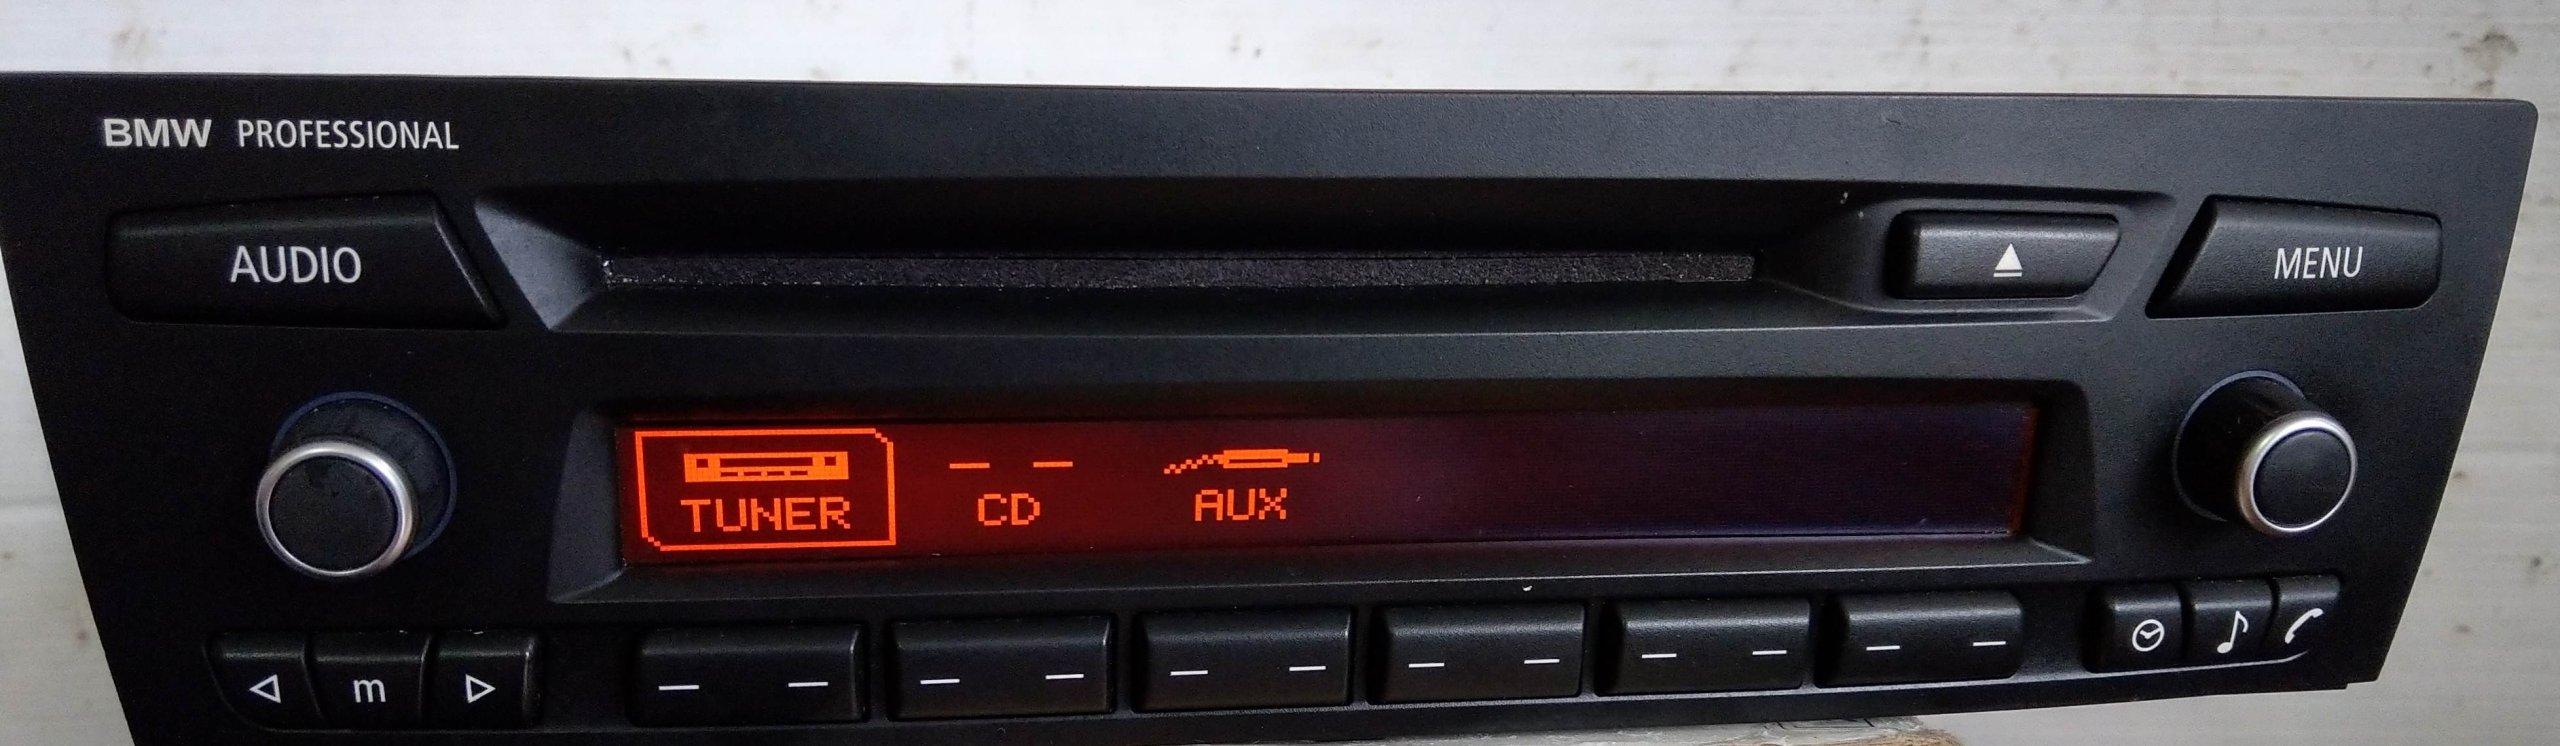 BMW PROFESSIONAL RADIO CD MP3 AUX BT USB - 7166552205 - oficjalne